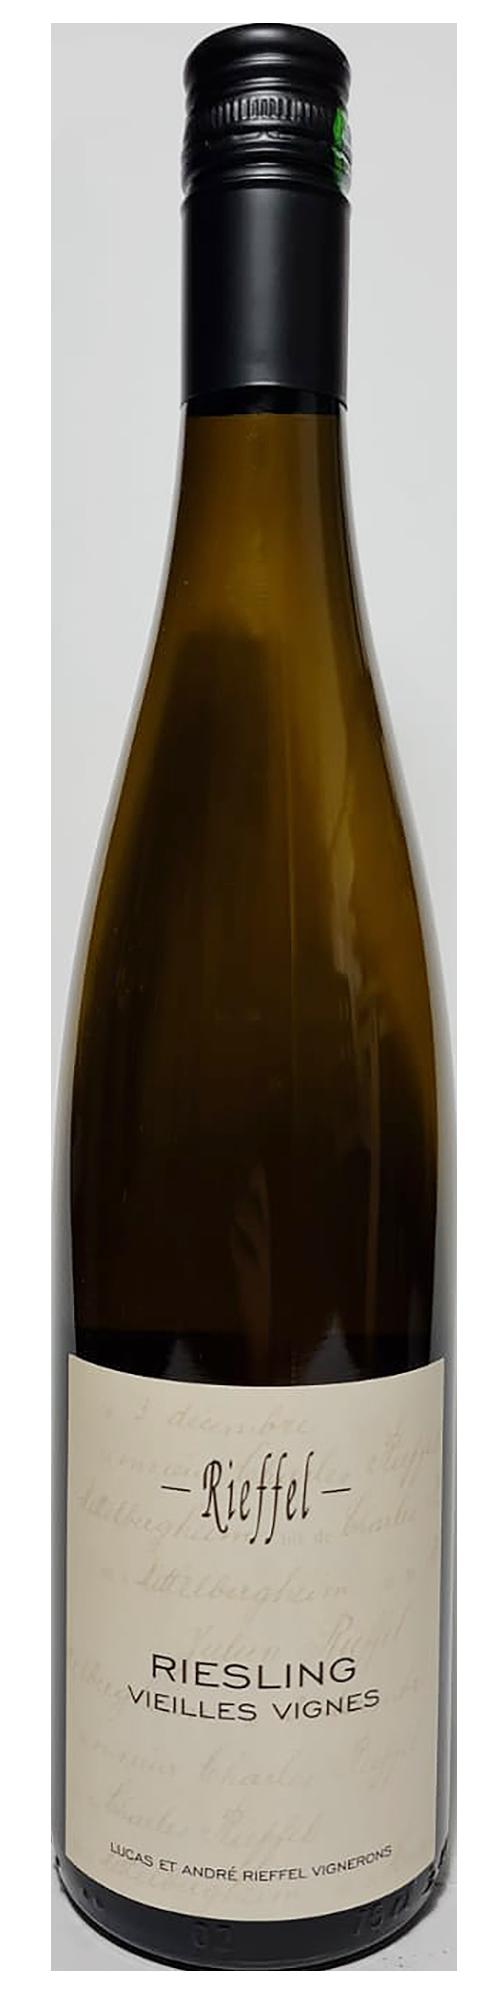 Bouteille de vin blanc d'Alsace, Riesling Vieilles Vignes 2018, Domaine Rieffel